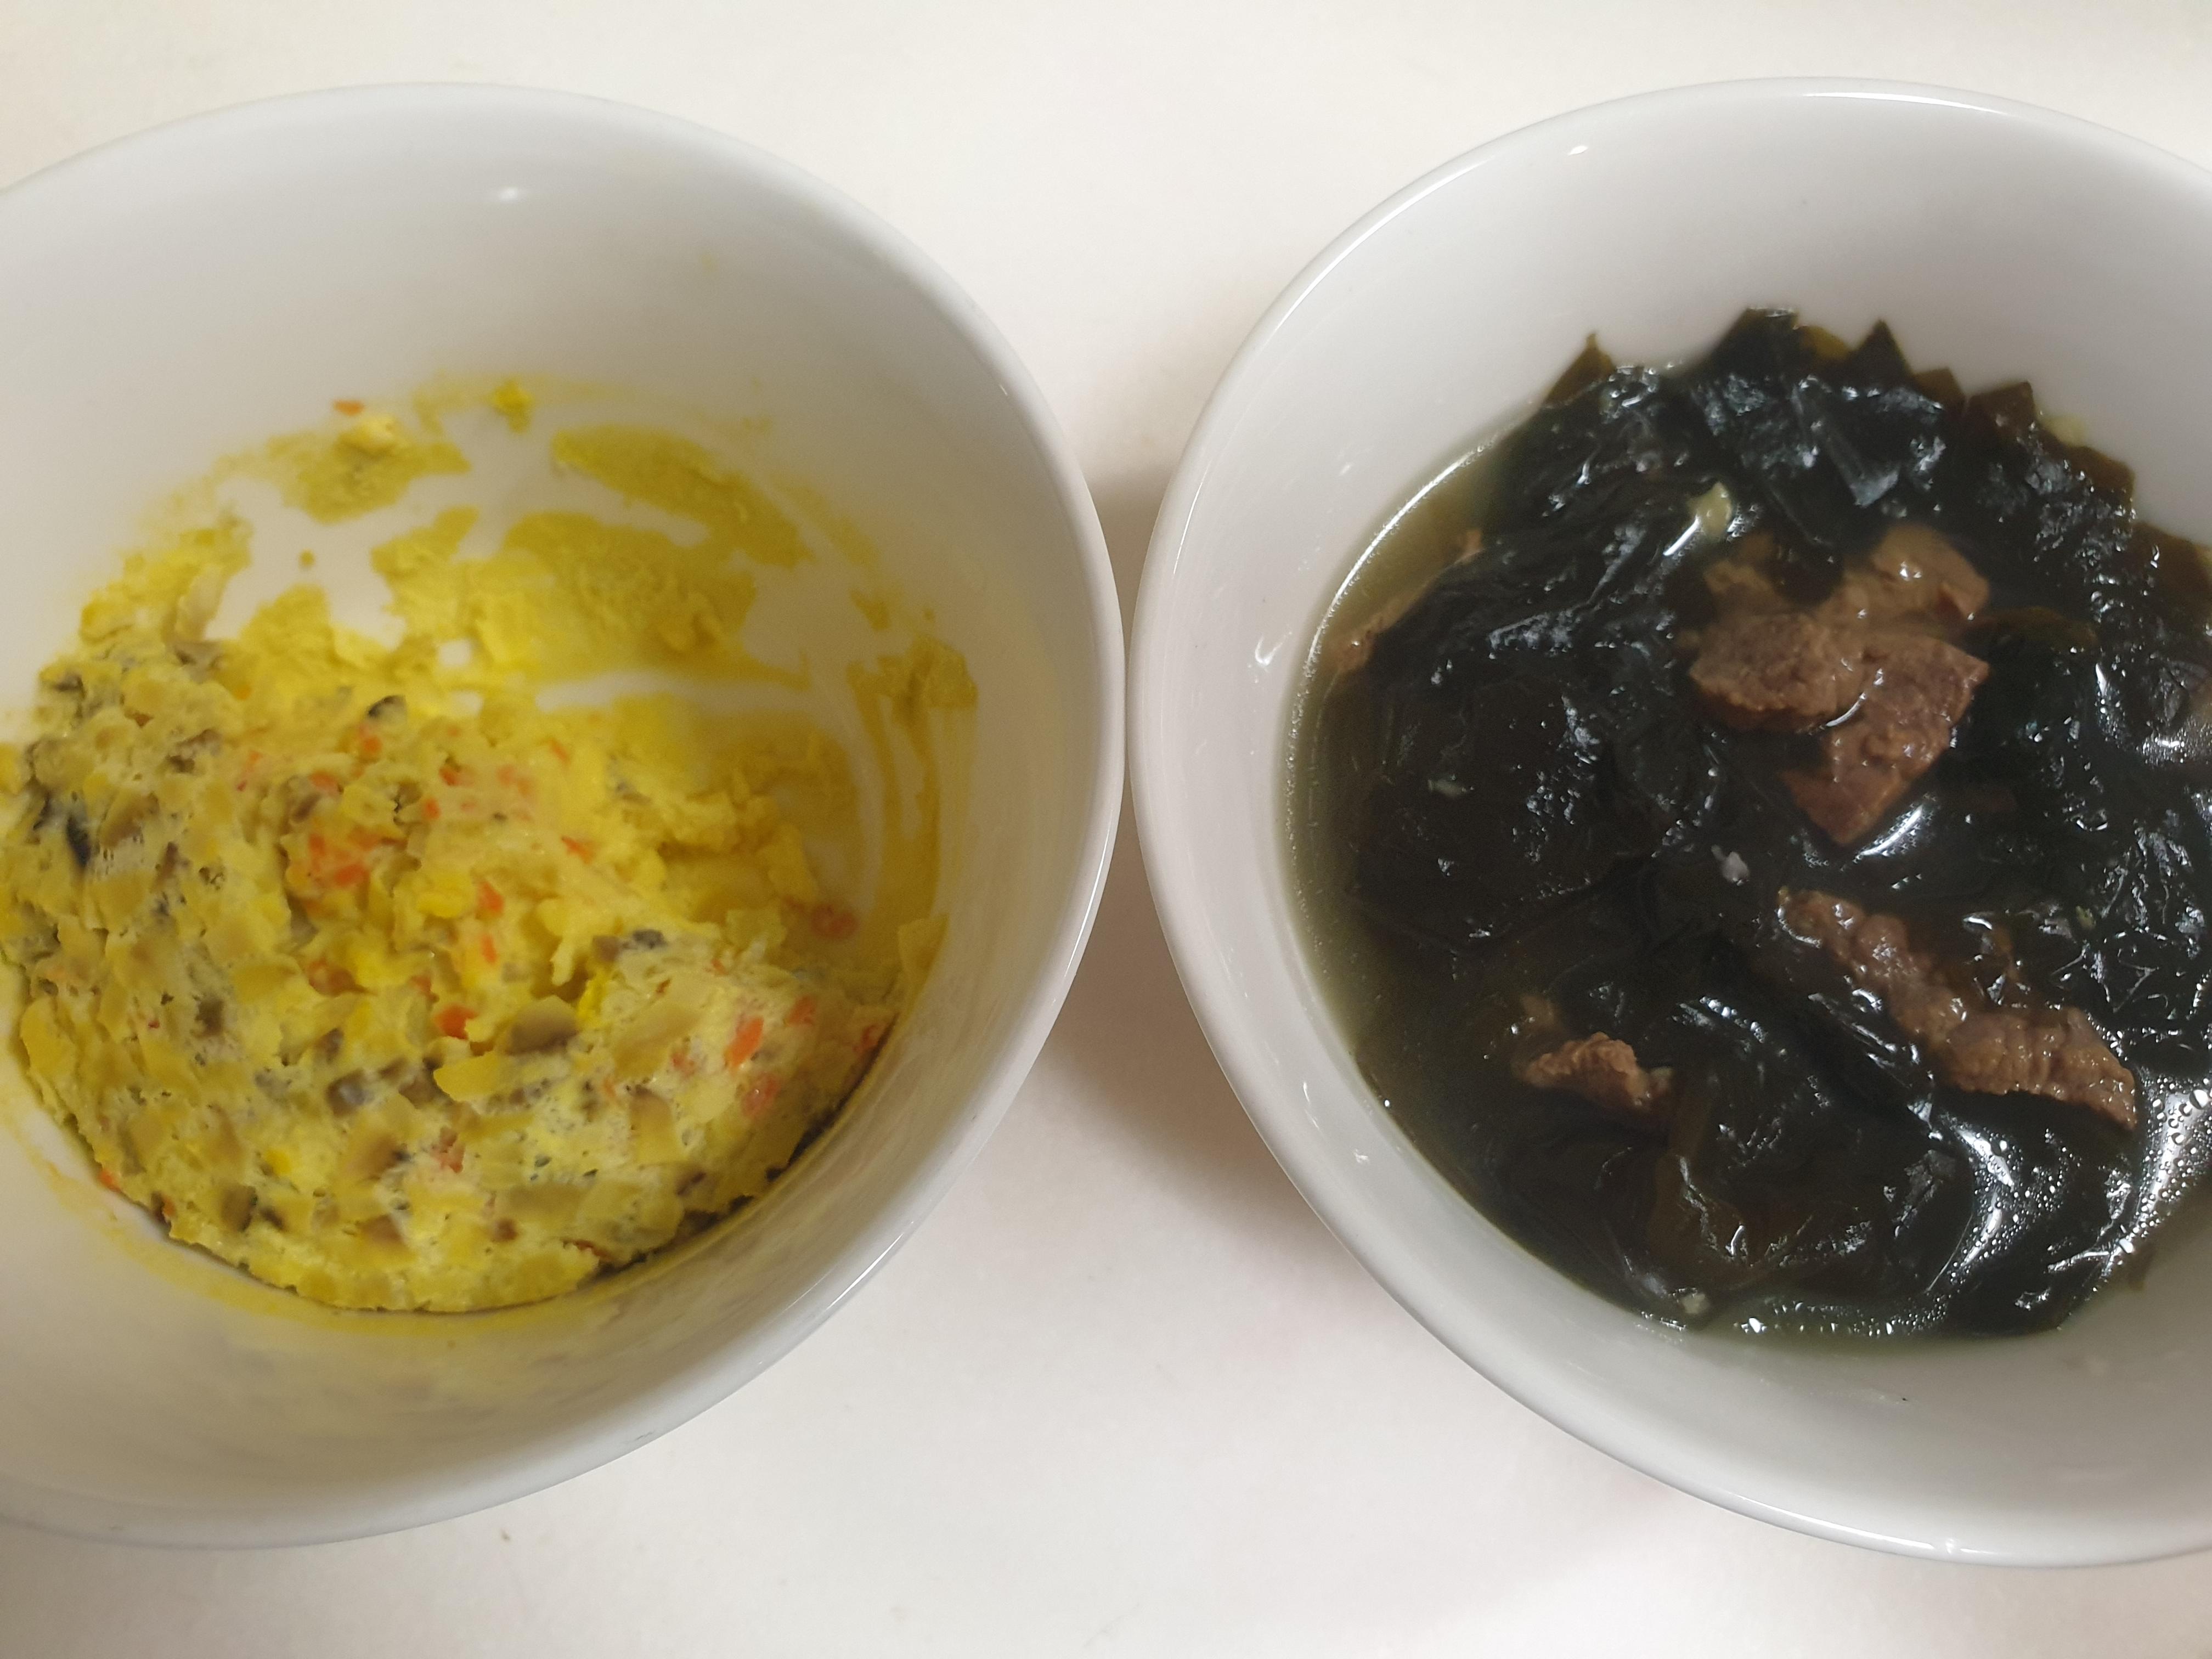 저녁밥 먹었어요. 달걀찜, 오이무침, 팽이버섯 볶음, 미역국, 냄비밥